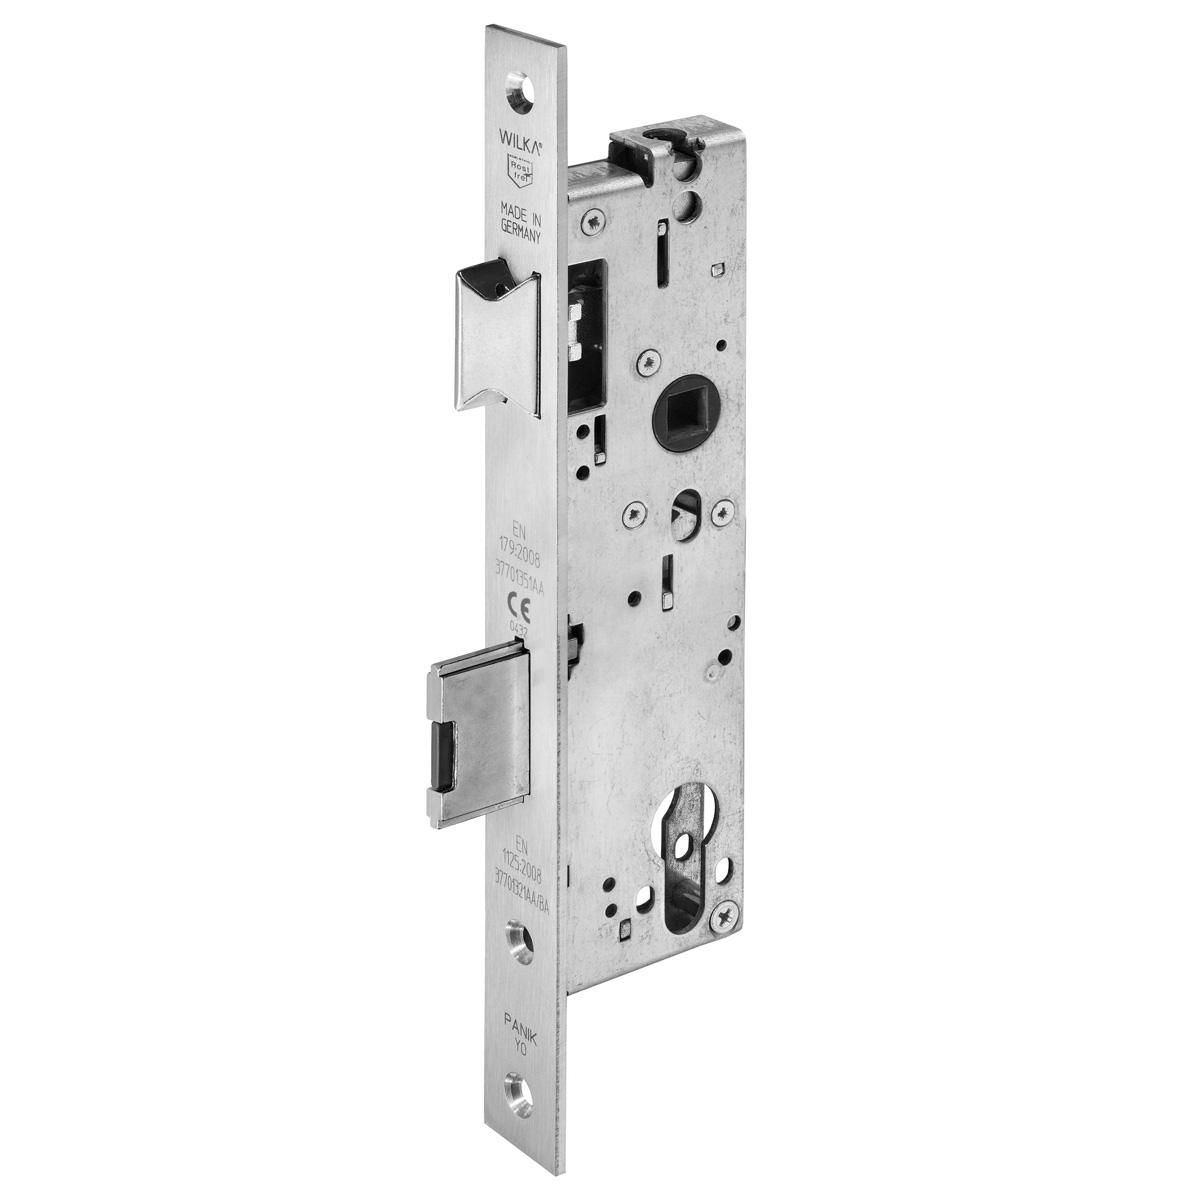 657Z Anti-Panik-Einsteckschloss für einflügelige Rohrrahmentüren | WILKA